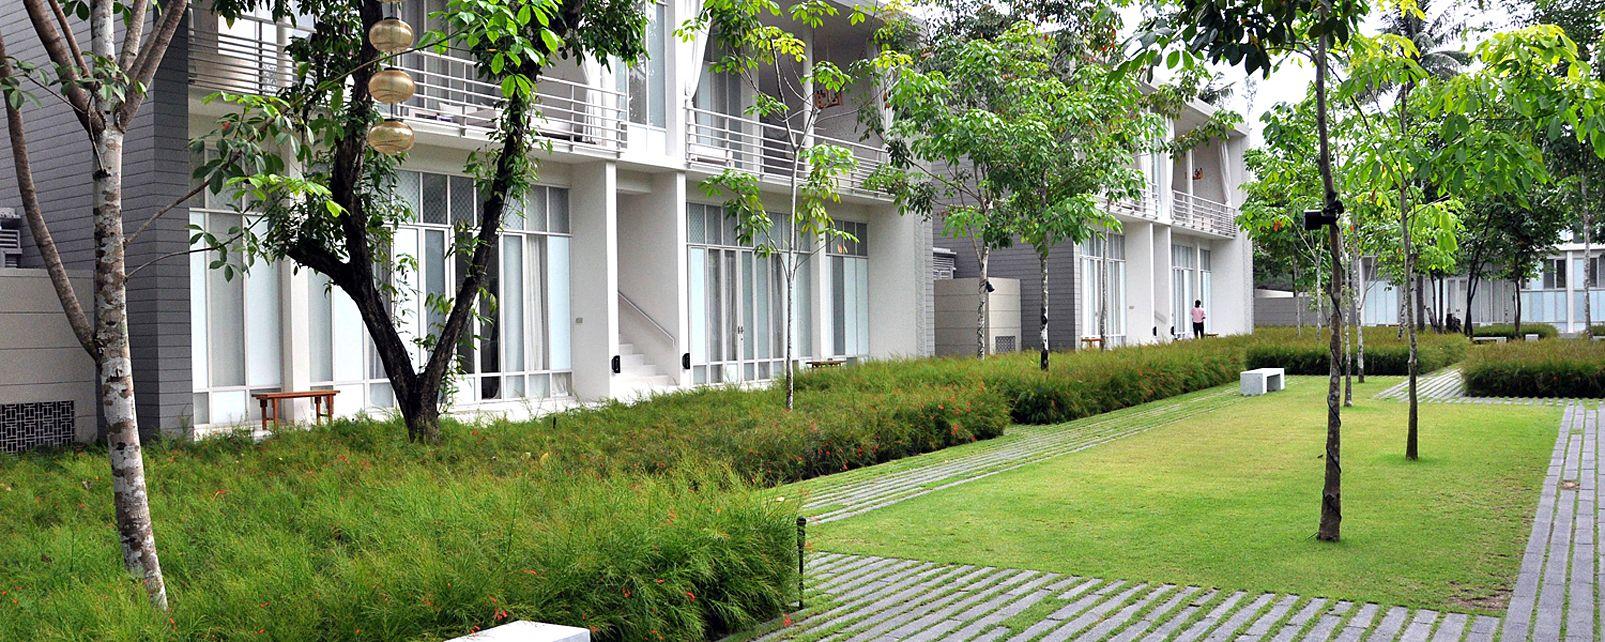 Hotel sala phuket in phuket for Hotel sala phuket